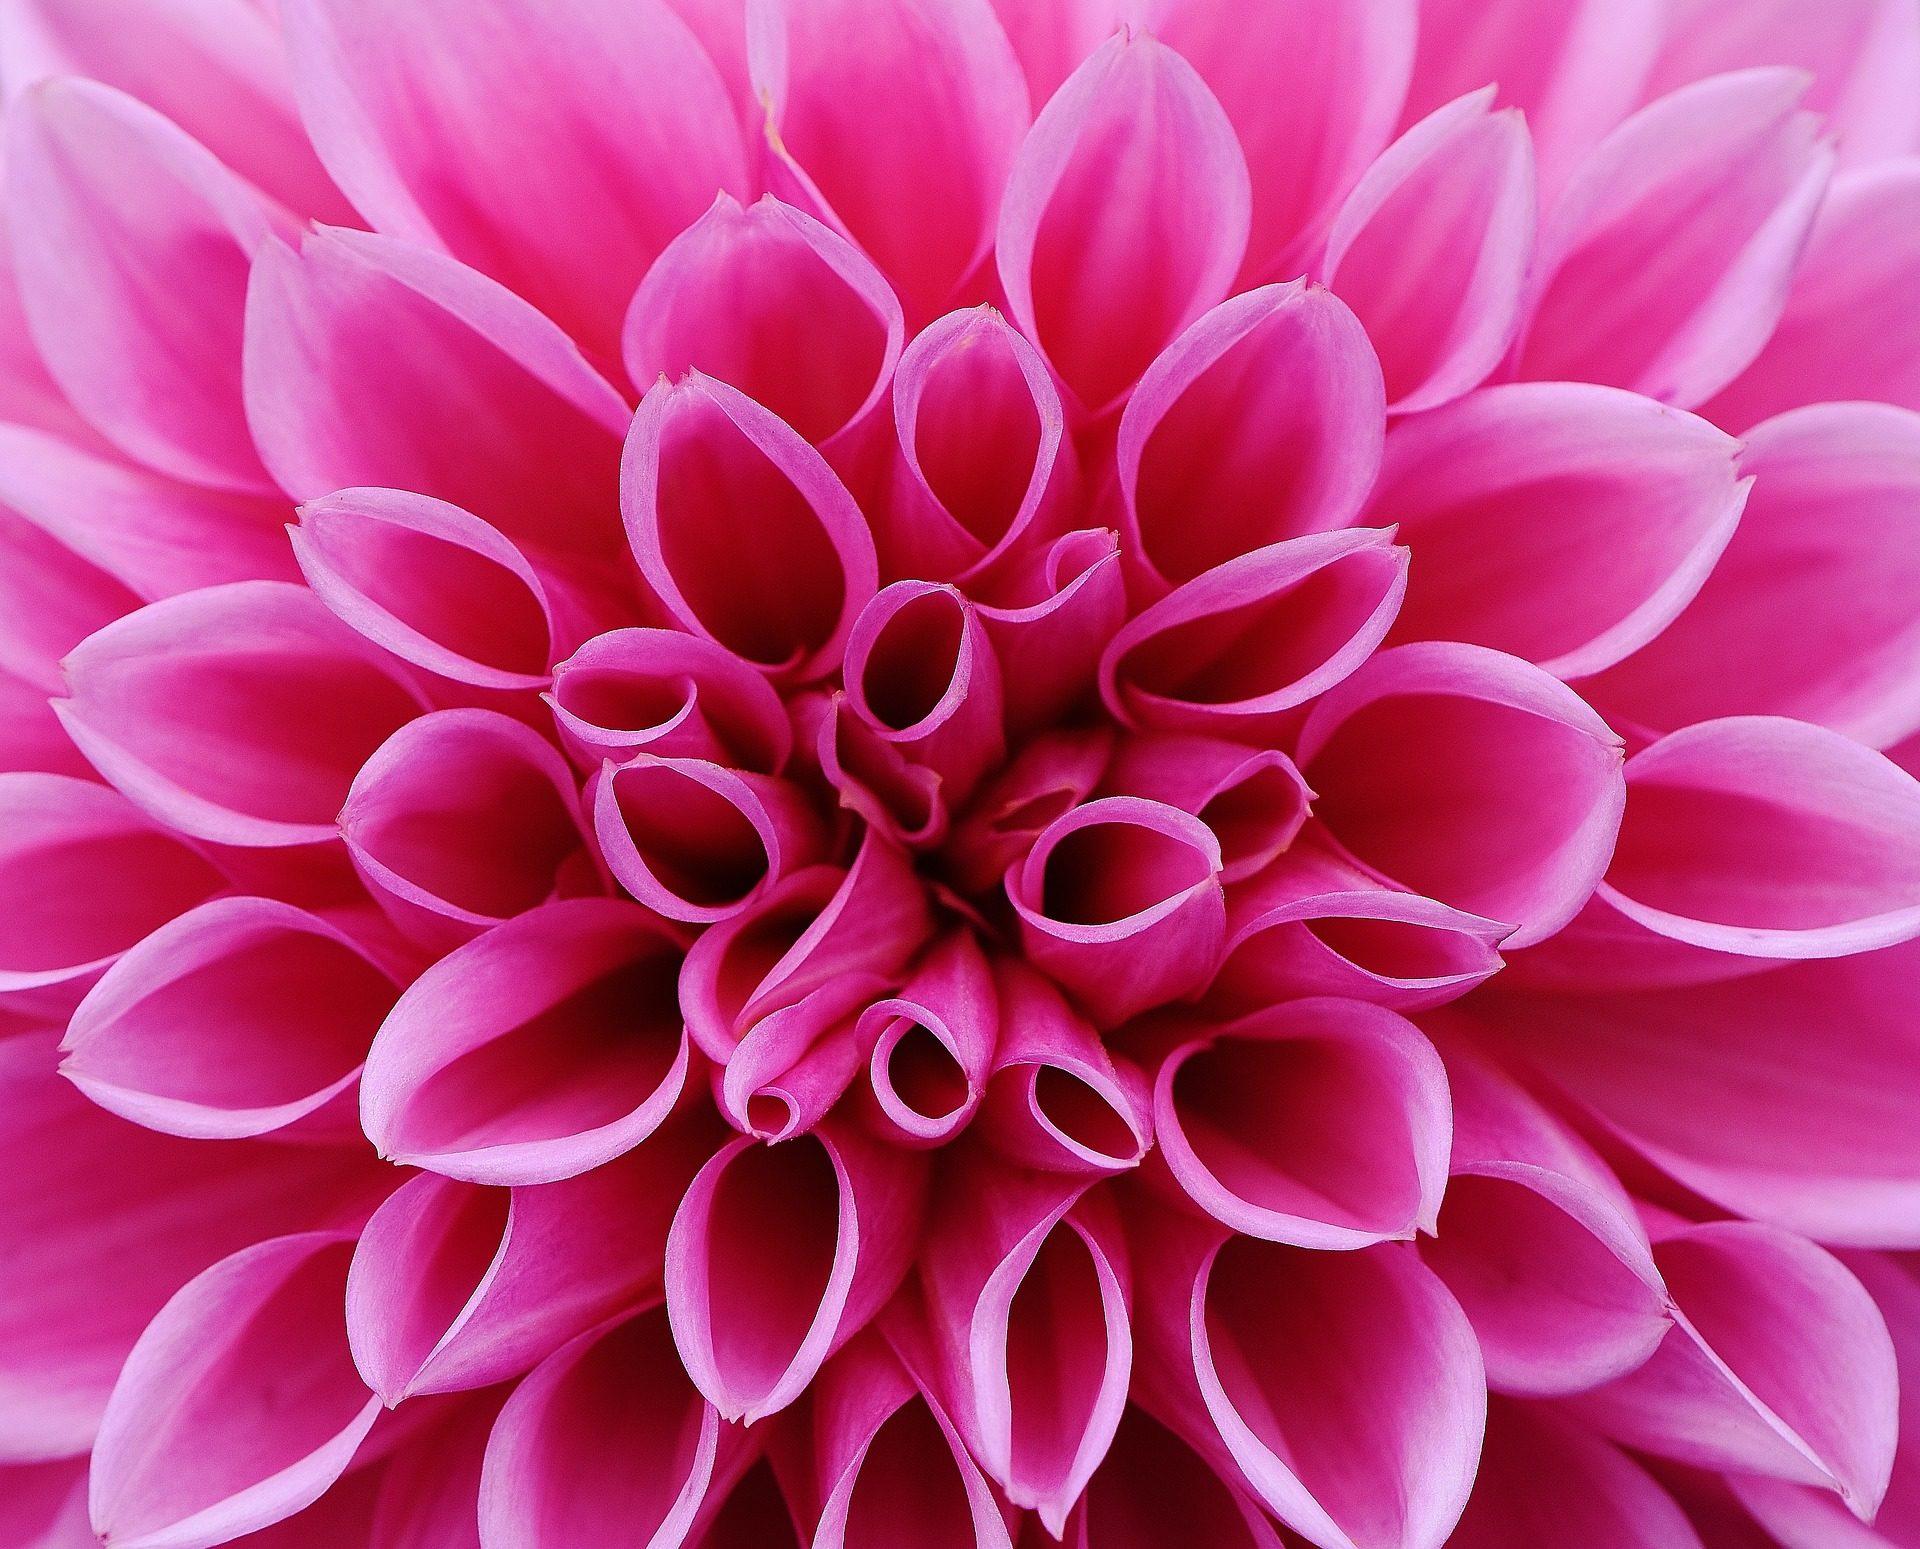 Blume, Dalia, Blütenblätter, Rosen, Menge, Formen - Wallpaper HD - Prof.-falken.com